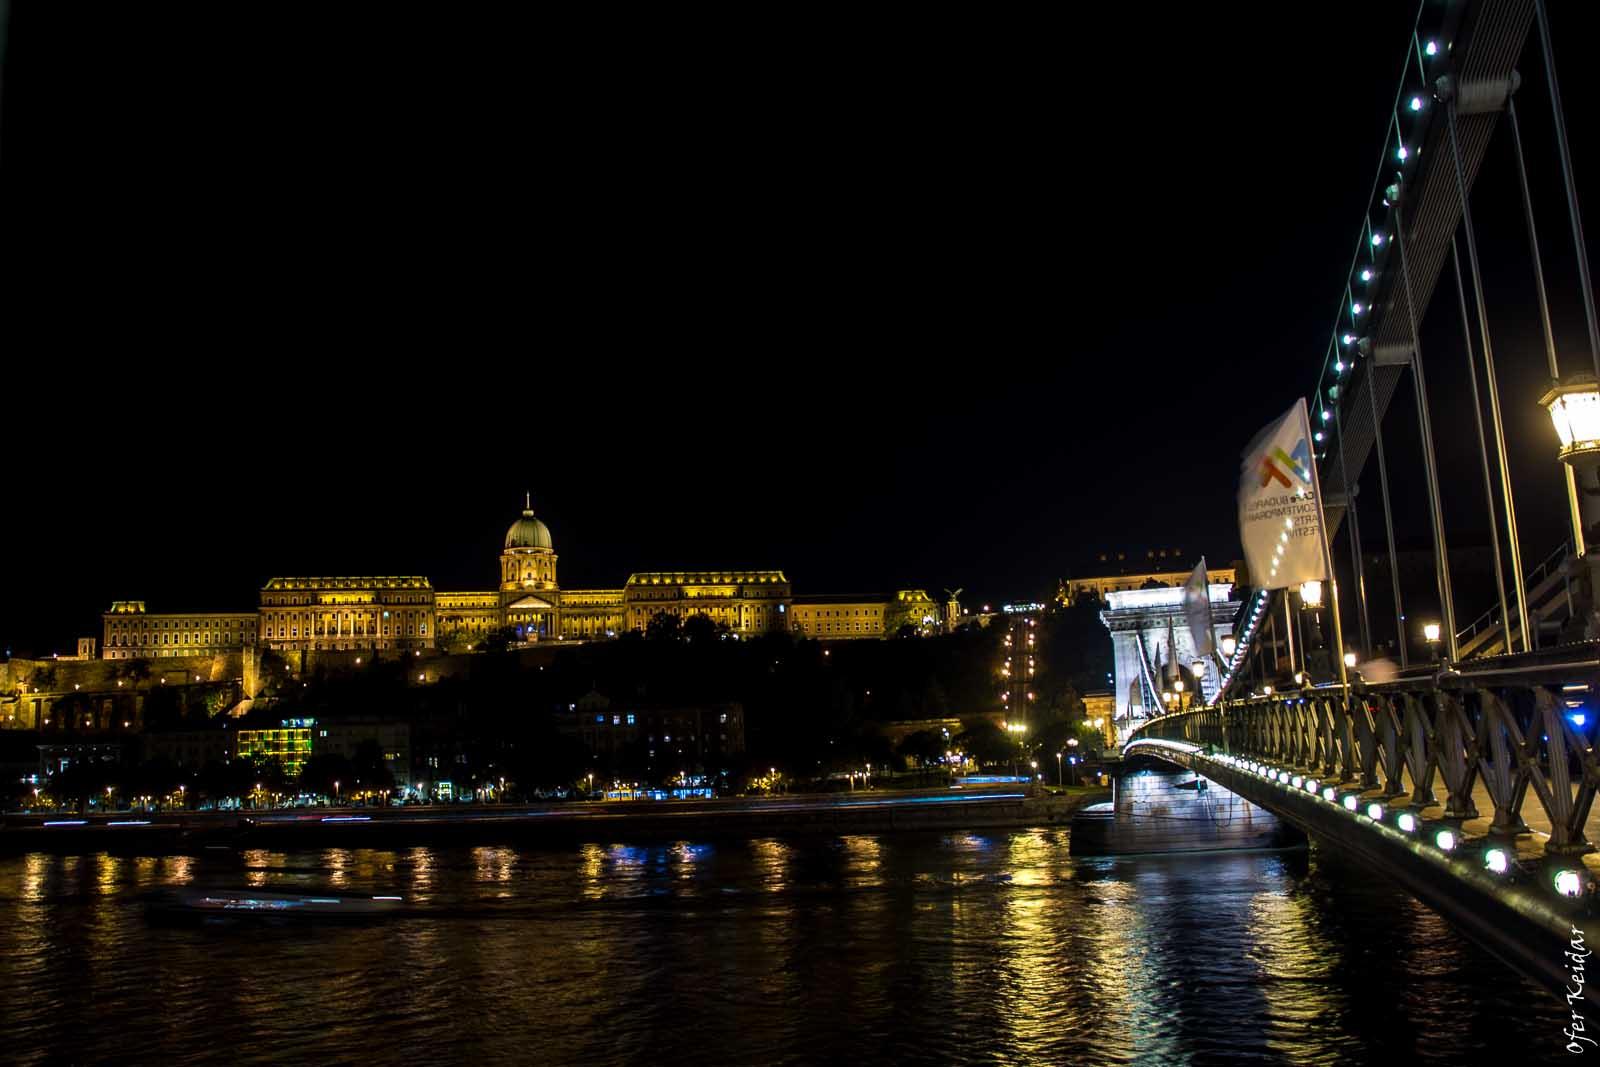 בלוג הצילום בבודפשט, הונגריה